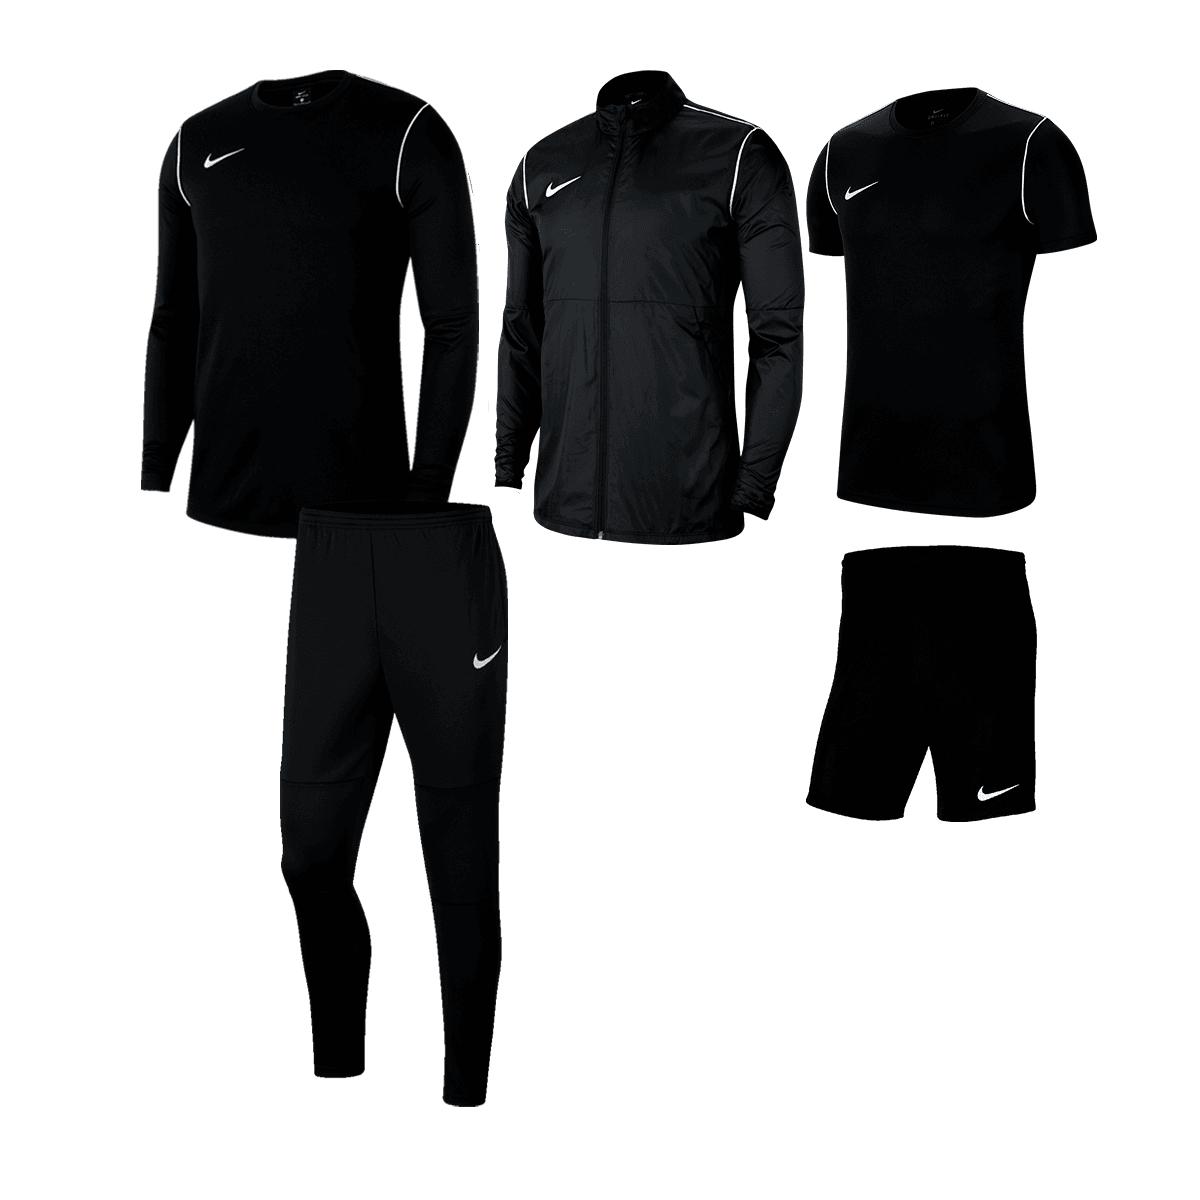 Nike Trainingsset Park 20 5-teilig in vielen Farben und Größen